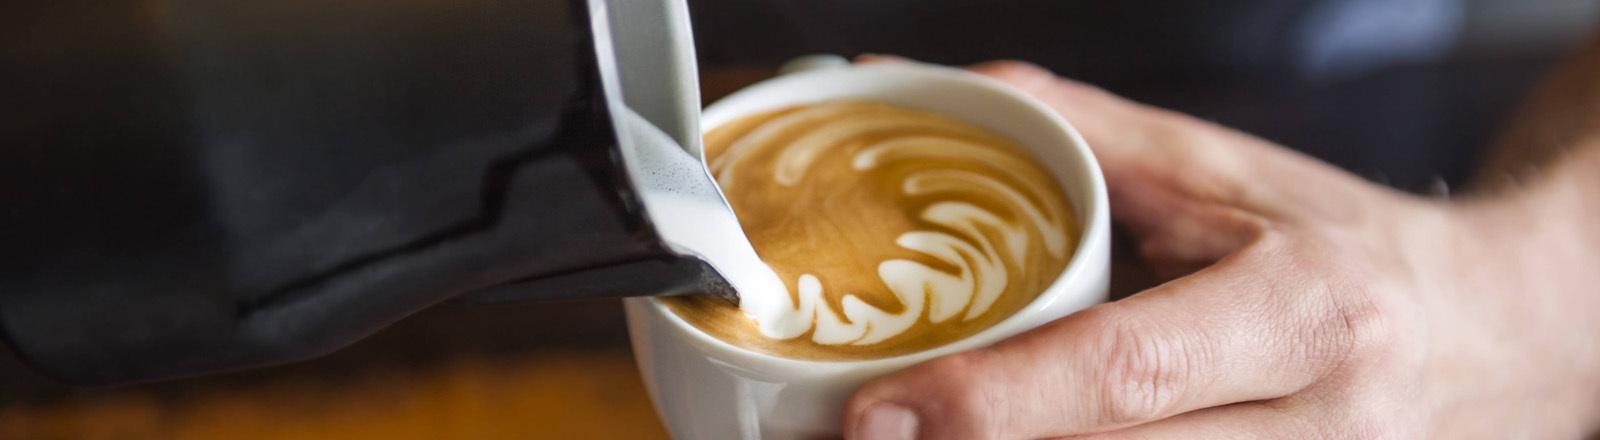 Männliche Hand schüttet geschäumte Milch aus einer Kanne in eine Tasse mit Kaffee.